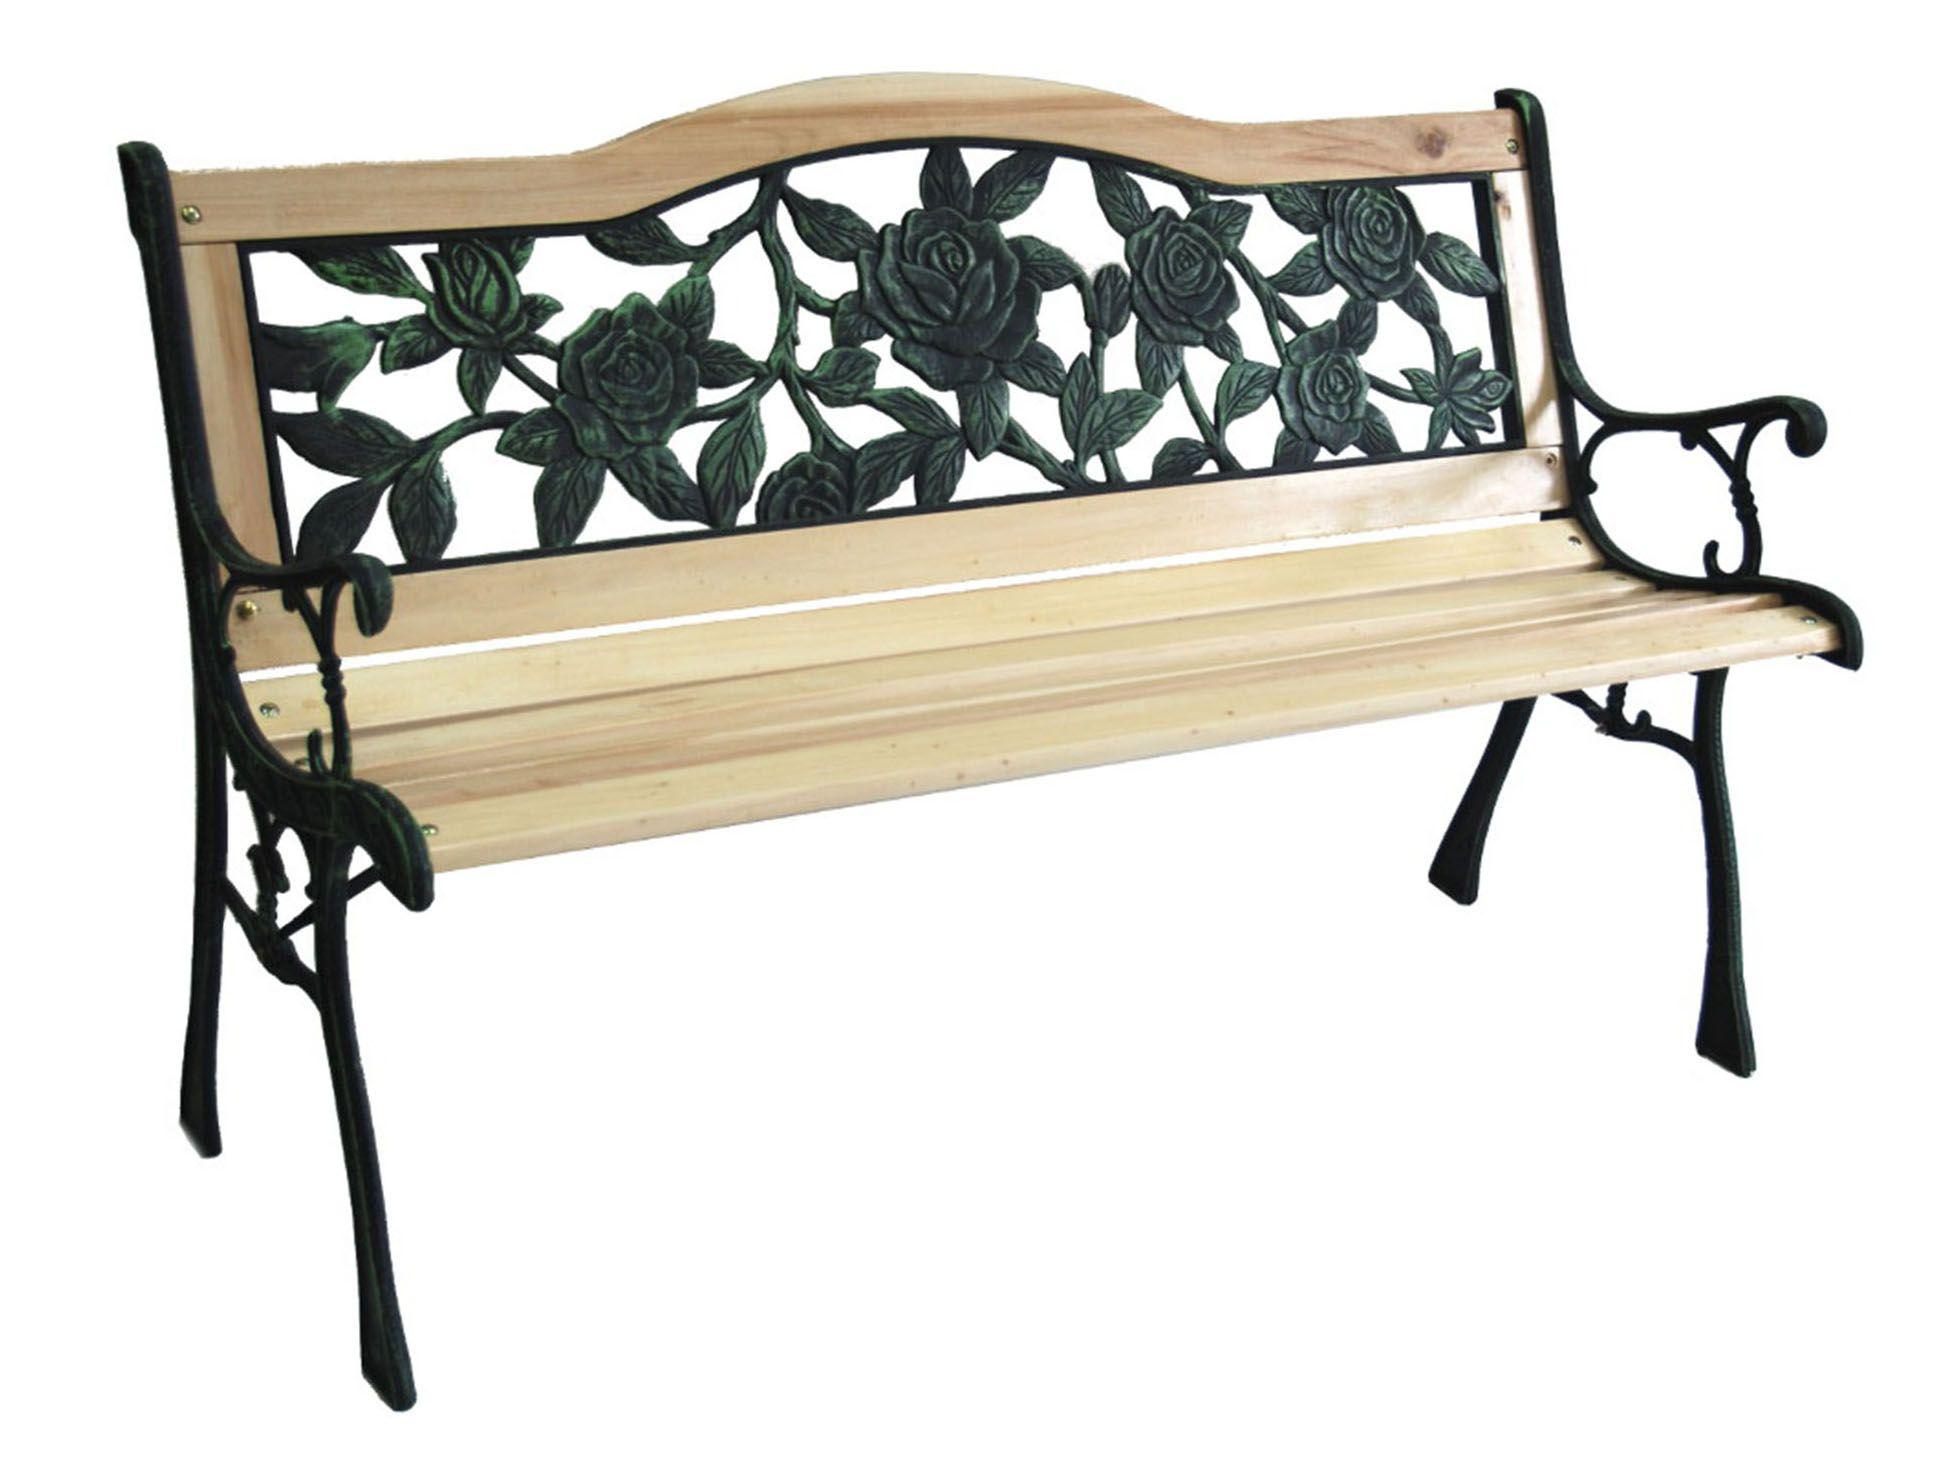 Lawka Ogrodowa Parkowa Laweczka Drewniana Zeliwna 7881518917 Oficjalne Archiwum Allegro Outdoor Furniture Outdoor Decor Decor